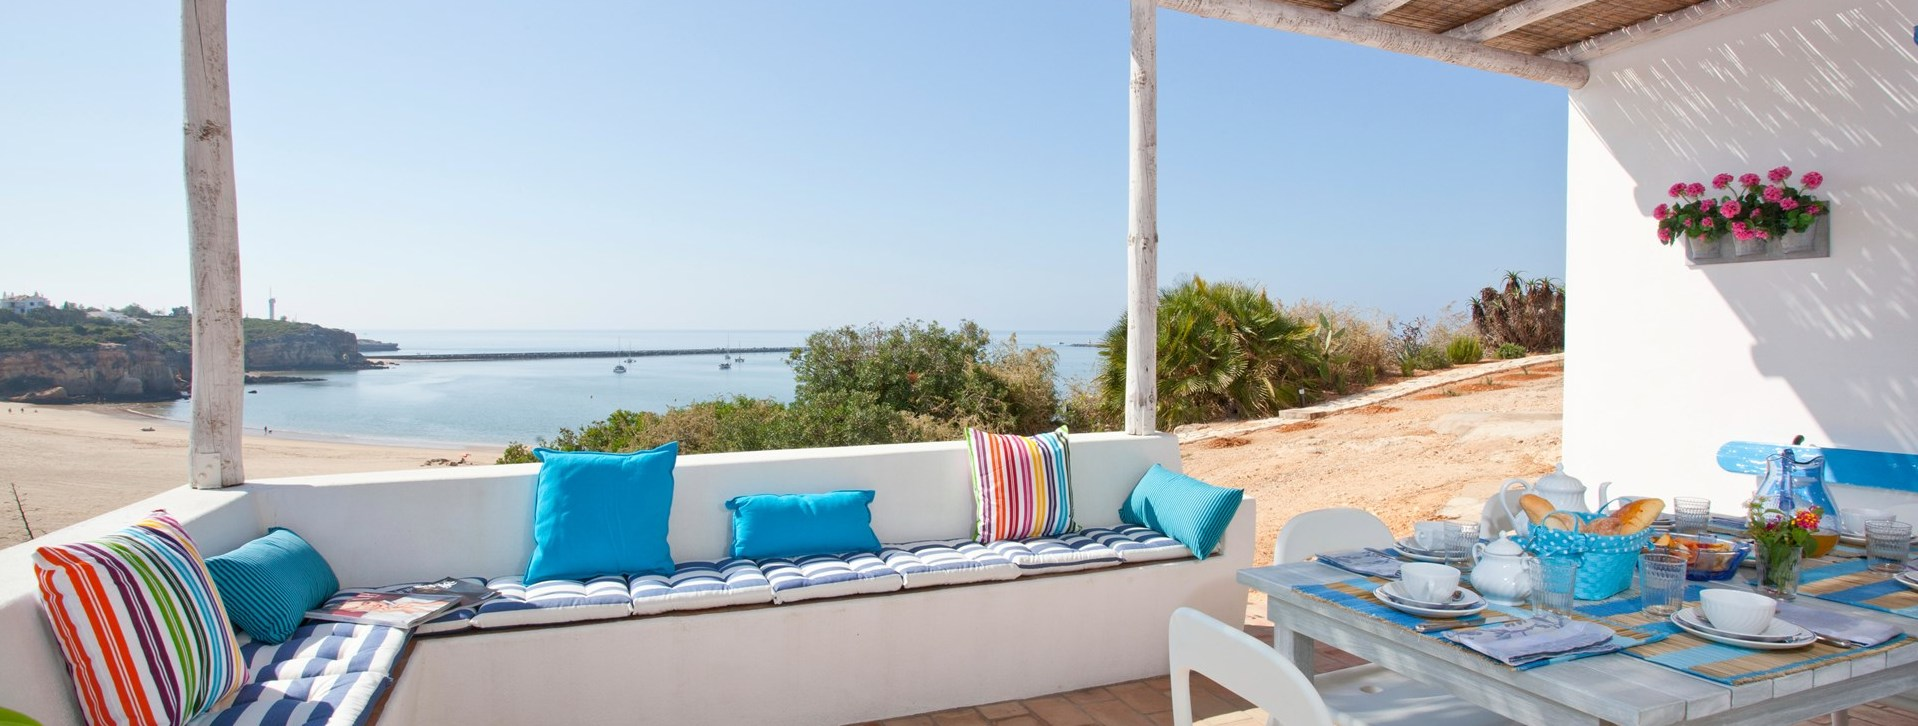 3-bed-beach-villa-algarve